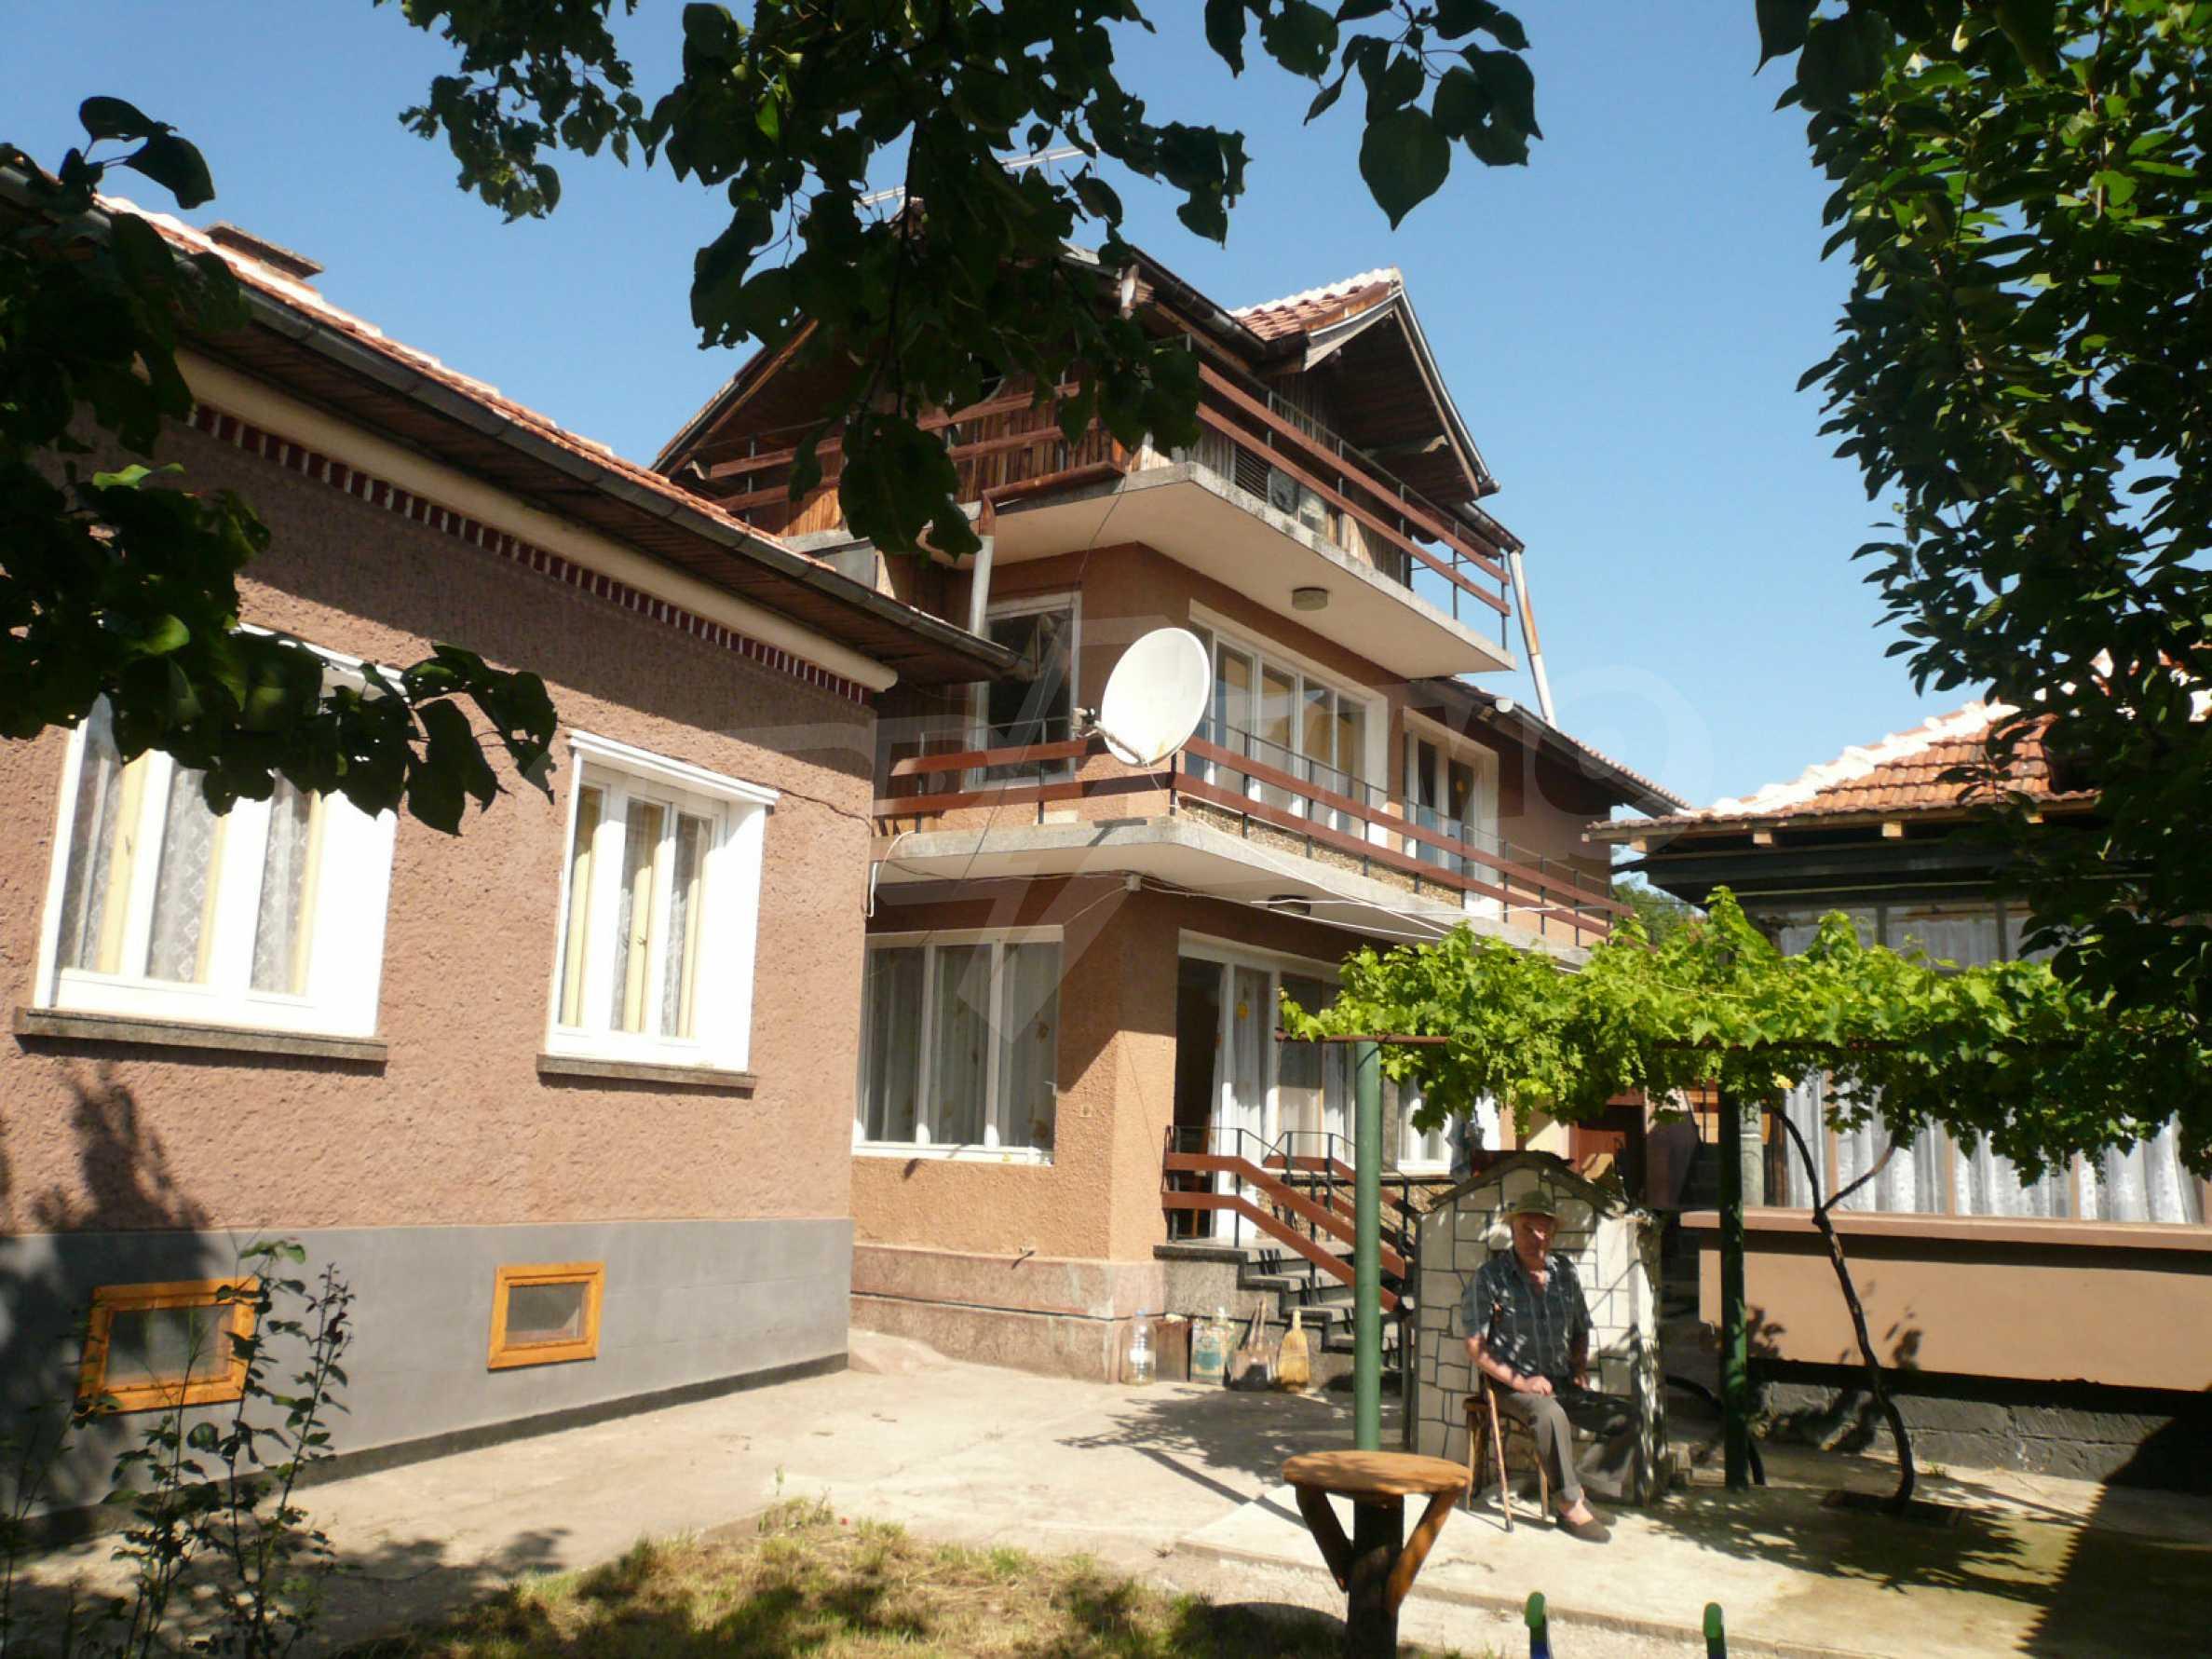 Ländliche Häuser mit einem Garten 12 km von Vidin entfernt 1